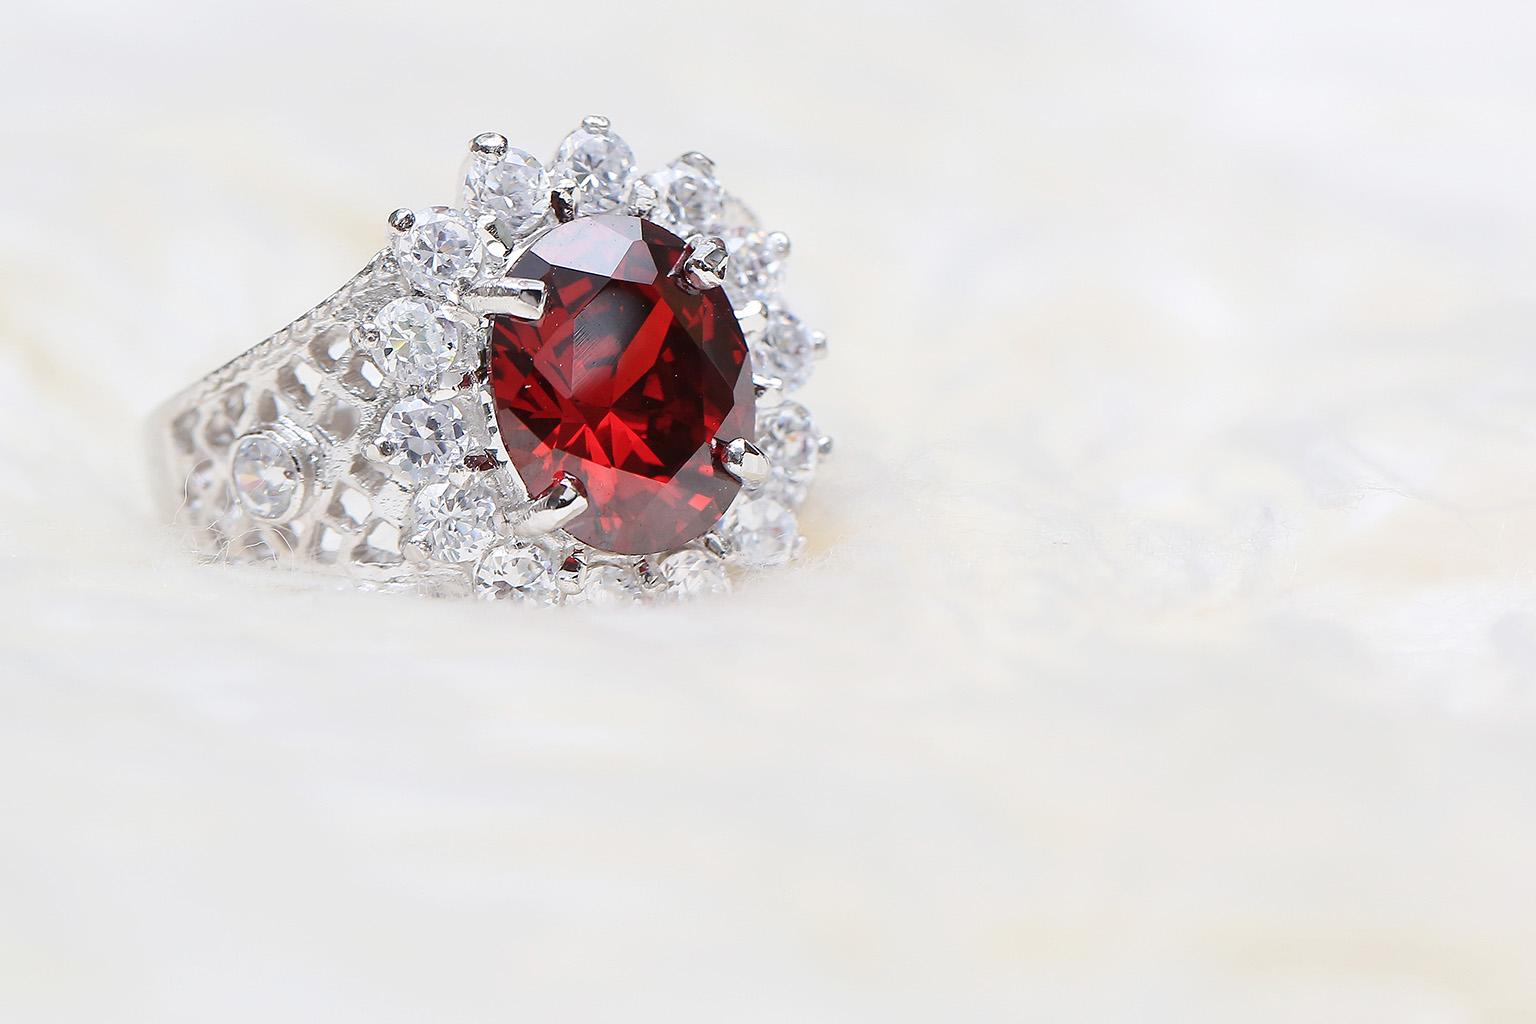 Zafiro grande en espectacular anillo rodeado de diamantes pequeños, uno de las anillos de compromiso más bonitos con el que conquistar a cualquier pareja